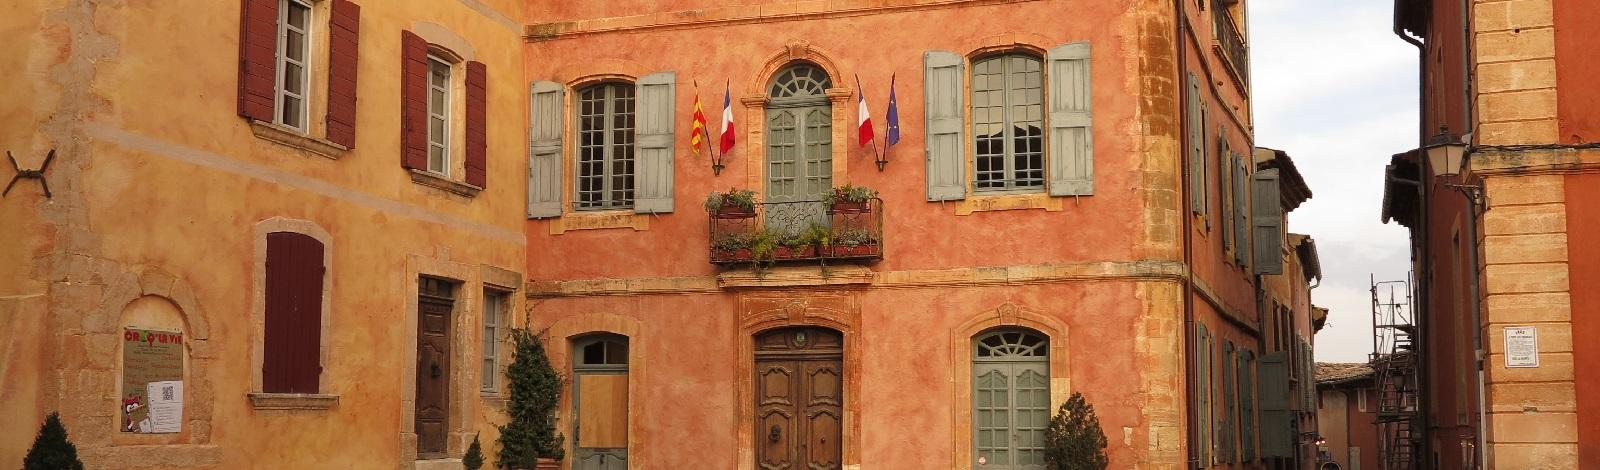 Les façades ocres de Roussillon dans le Lubéron - photo